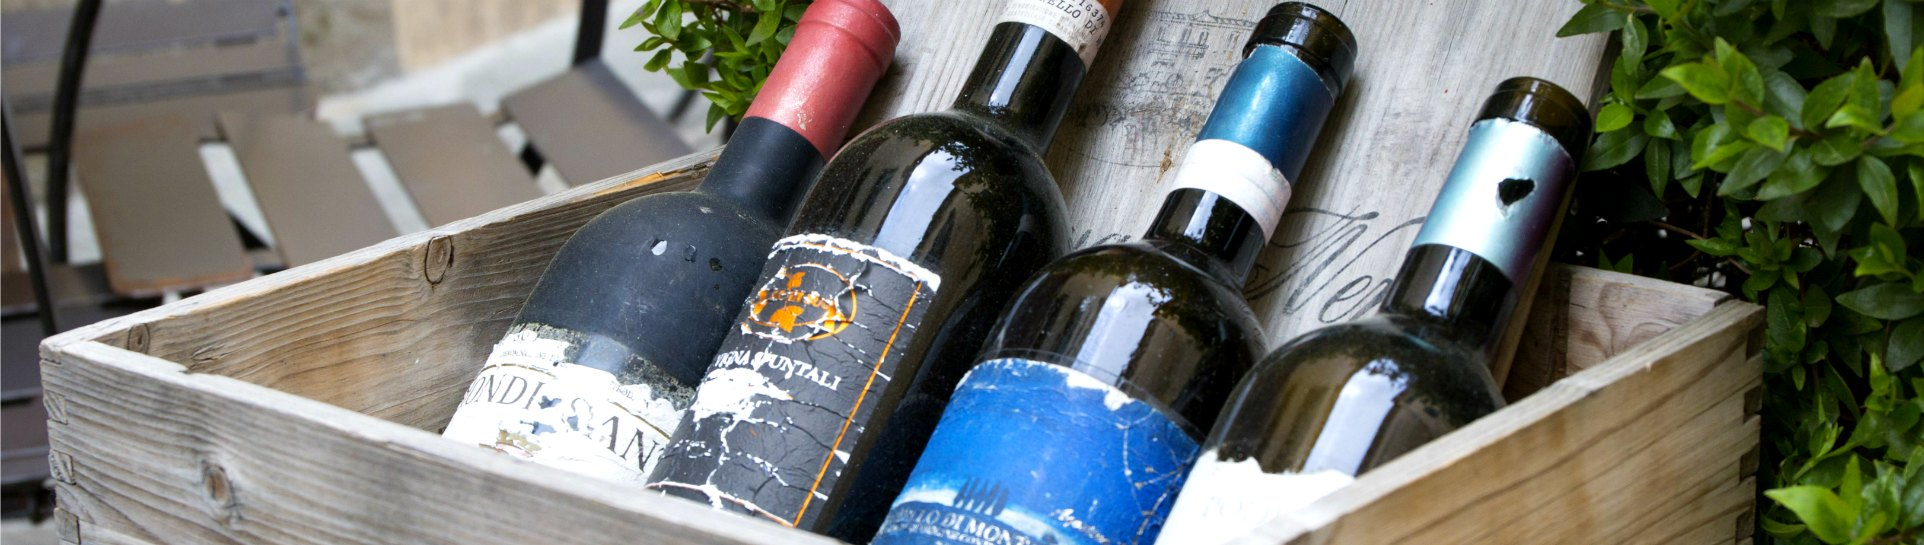 Tuscany wines